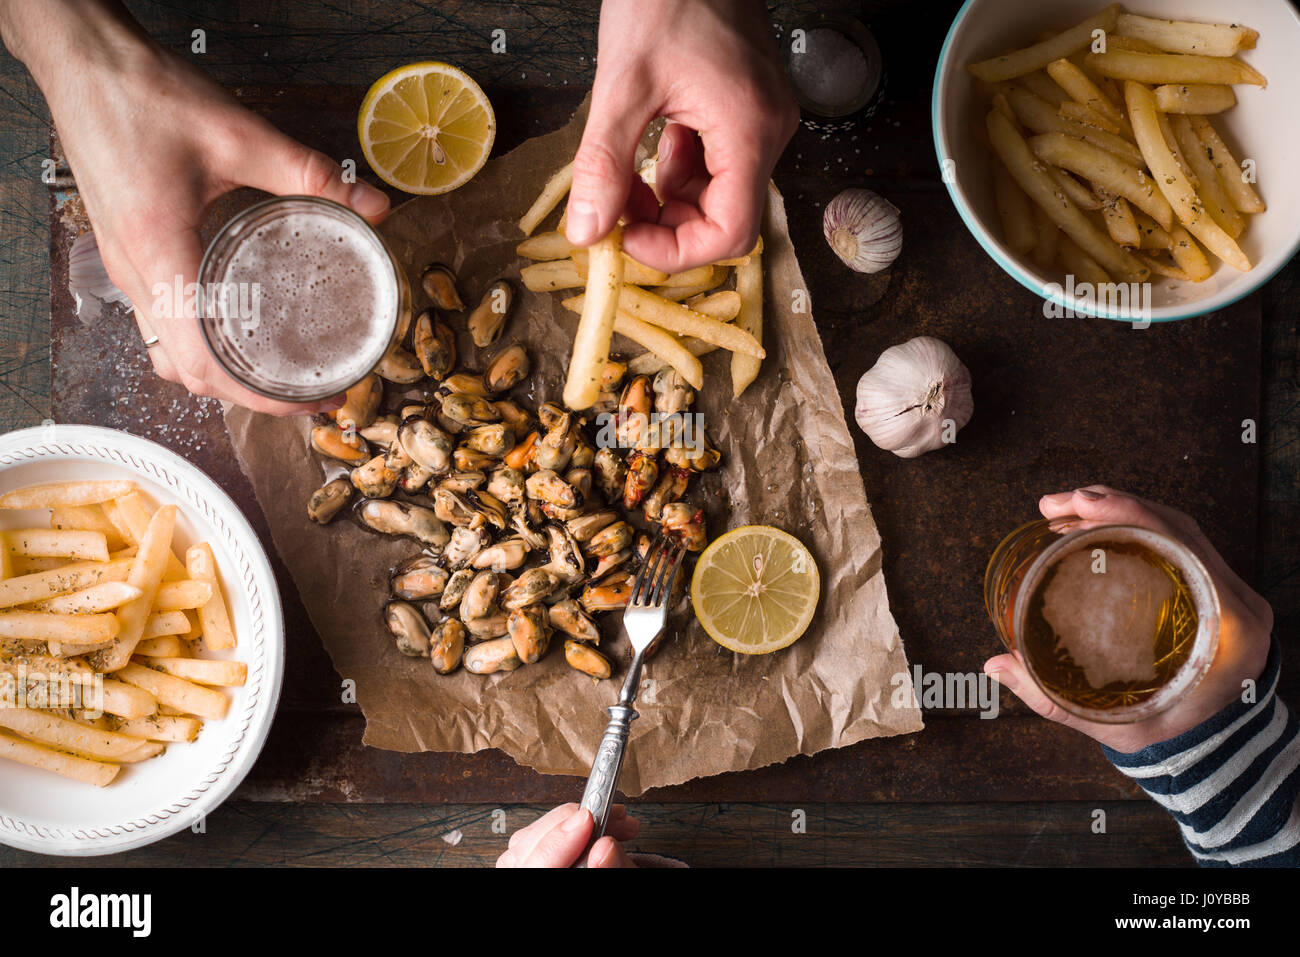 Bier trinken mit traditionellen belgischen Snack-Draufsicht Stockbild